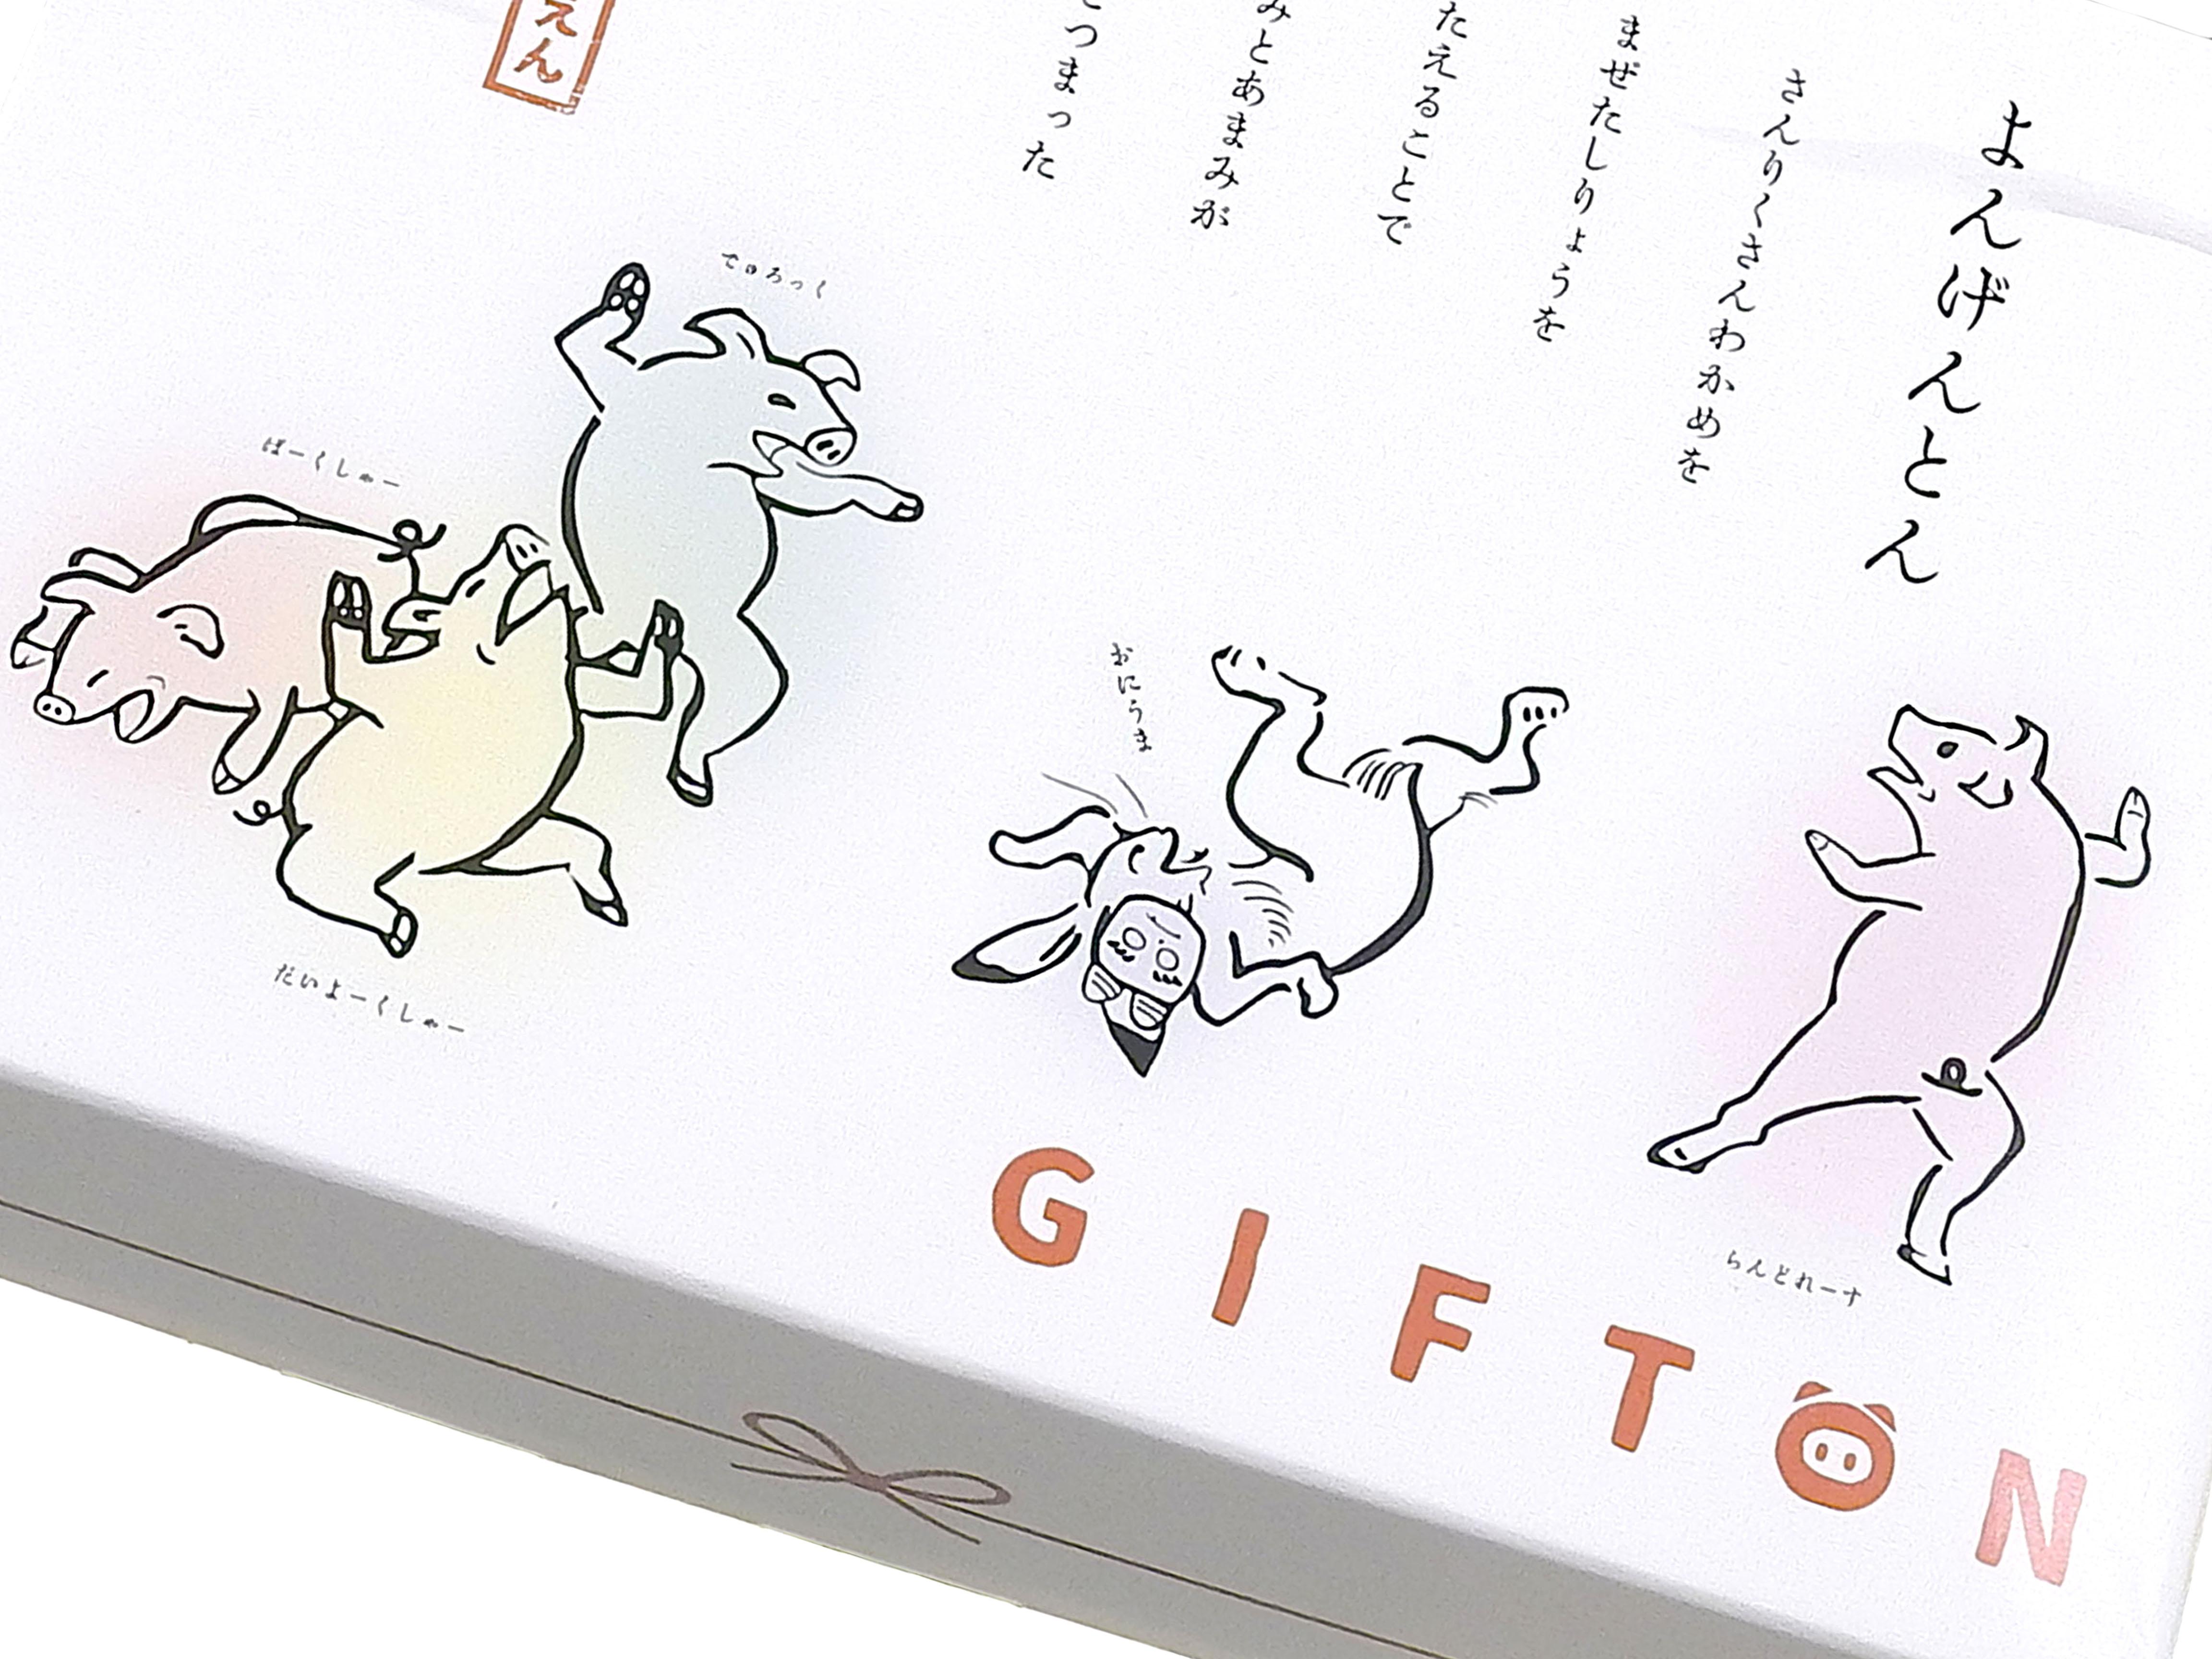 「GIFTON」と国宝「鳥獣戯画」。その関係とは?